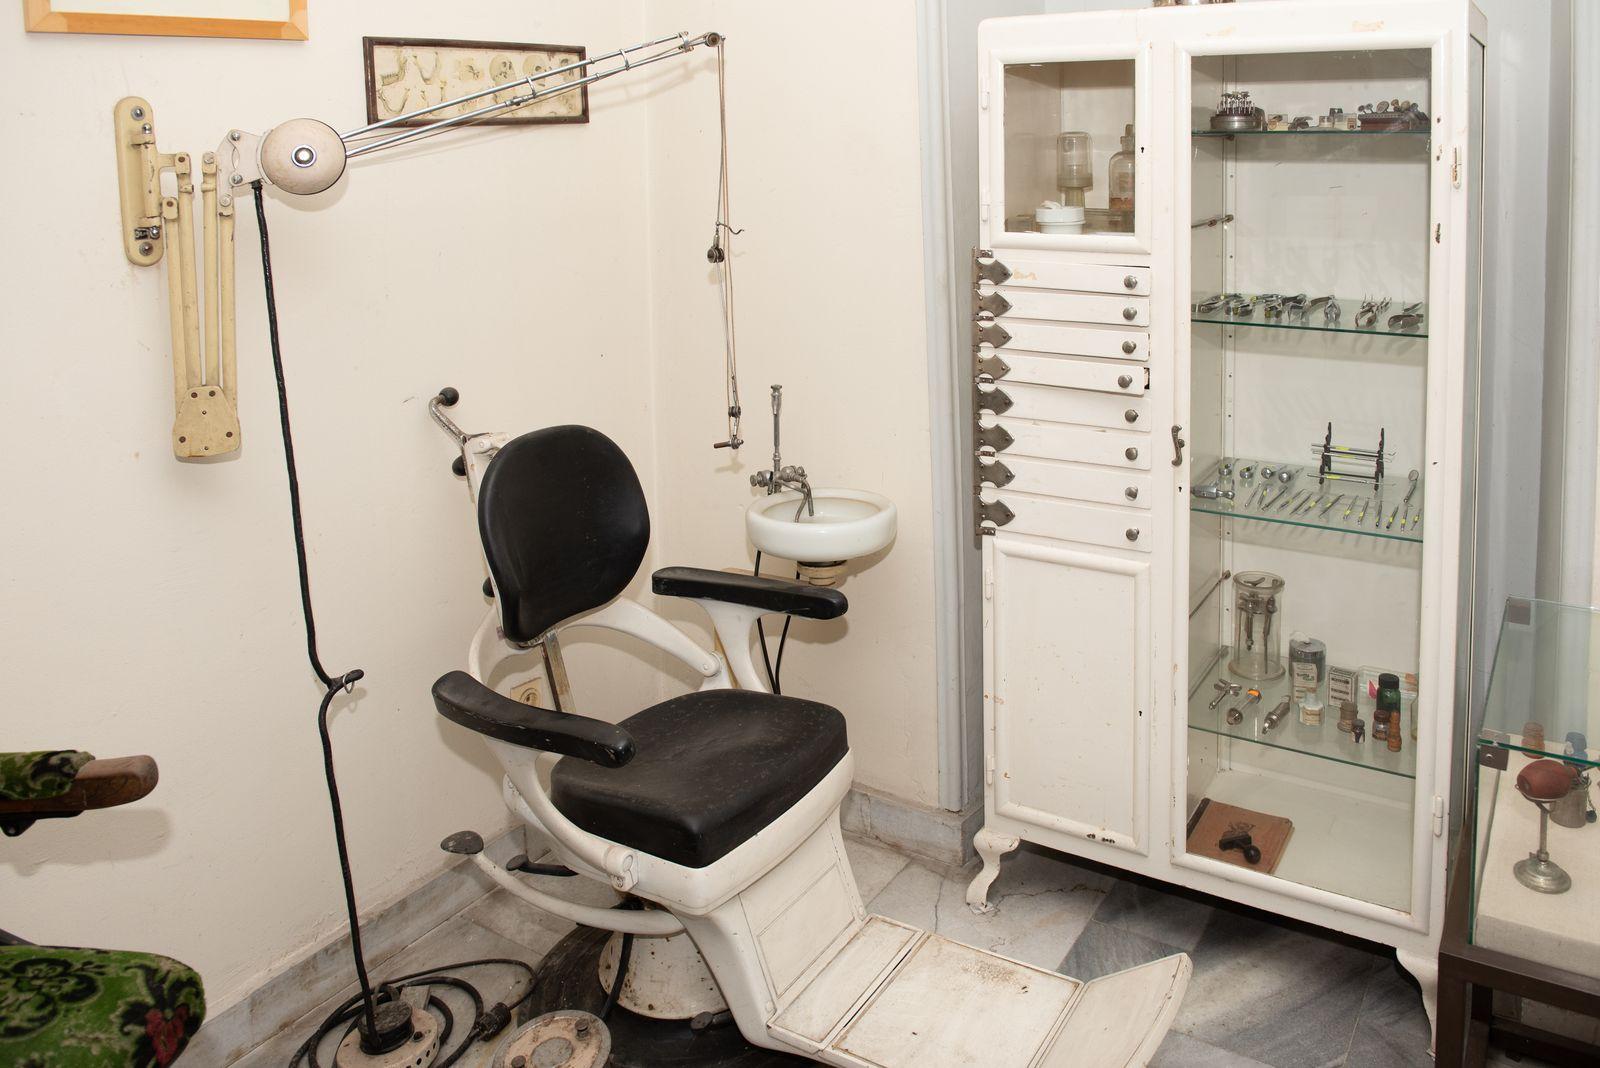 Muzei224_Възстановка на зъболекарски кабинет от средата на 20-то век